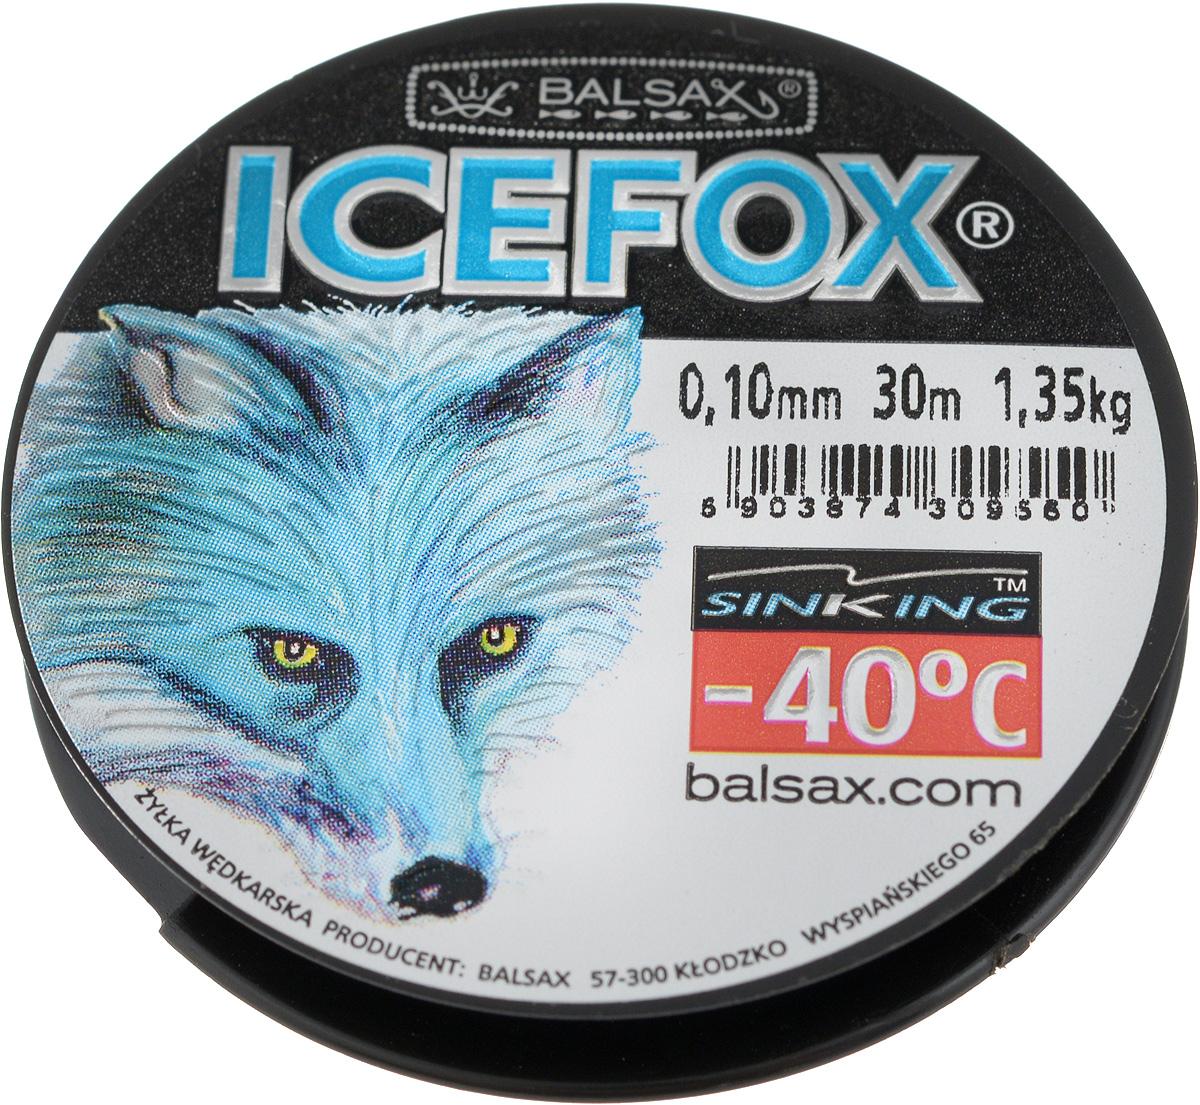 Леска зимняя Balsax Ice Fox, 30 м, 0,10 мм, 1,35 кг4271825Леска Balsax Ice Fox изготовлена из 100% нейлона и очень хорошо выдерживает низкие температуры. Даже в самом холодном климате, при температуре вплоть до -40°C, она сохраняет свои свойства практически без изменений, в то время как традиционные лески становятся менее эластичными и теряют прочность.Поверхность лески обработана таким образом, что она не обмерзает и отлично подходит для подледного лова. Прочна в местах вязки узлов даже при минимальном диаметре.